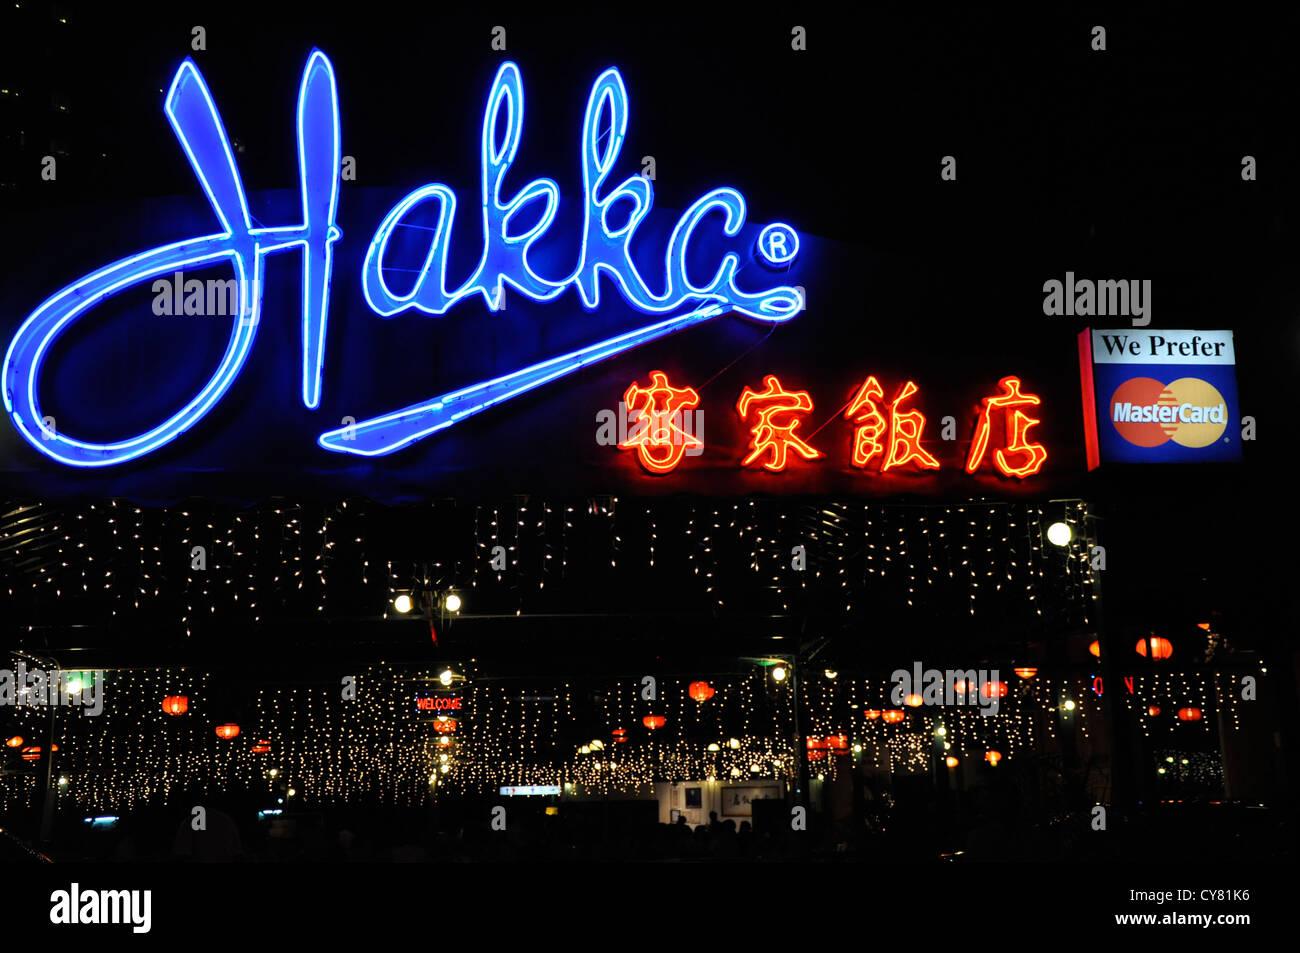 Haka Chinese restaurant in Kuala Lumpur Malaysia Stock Photo